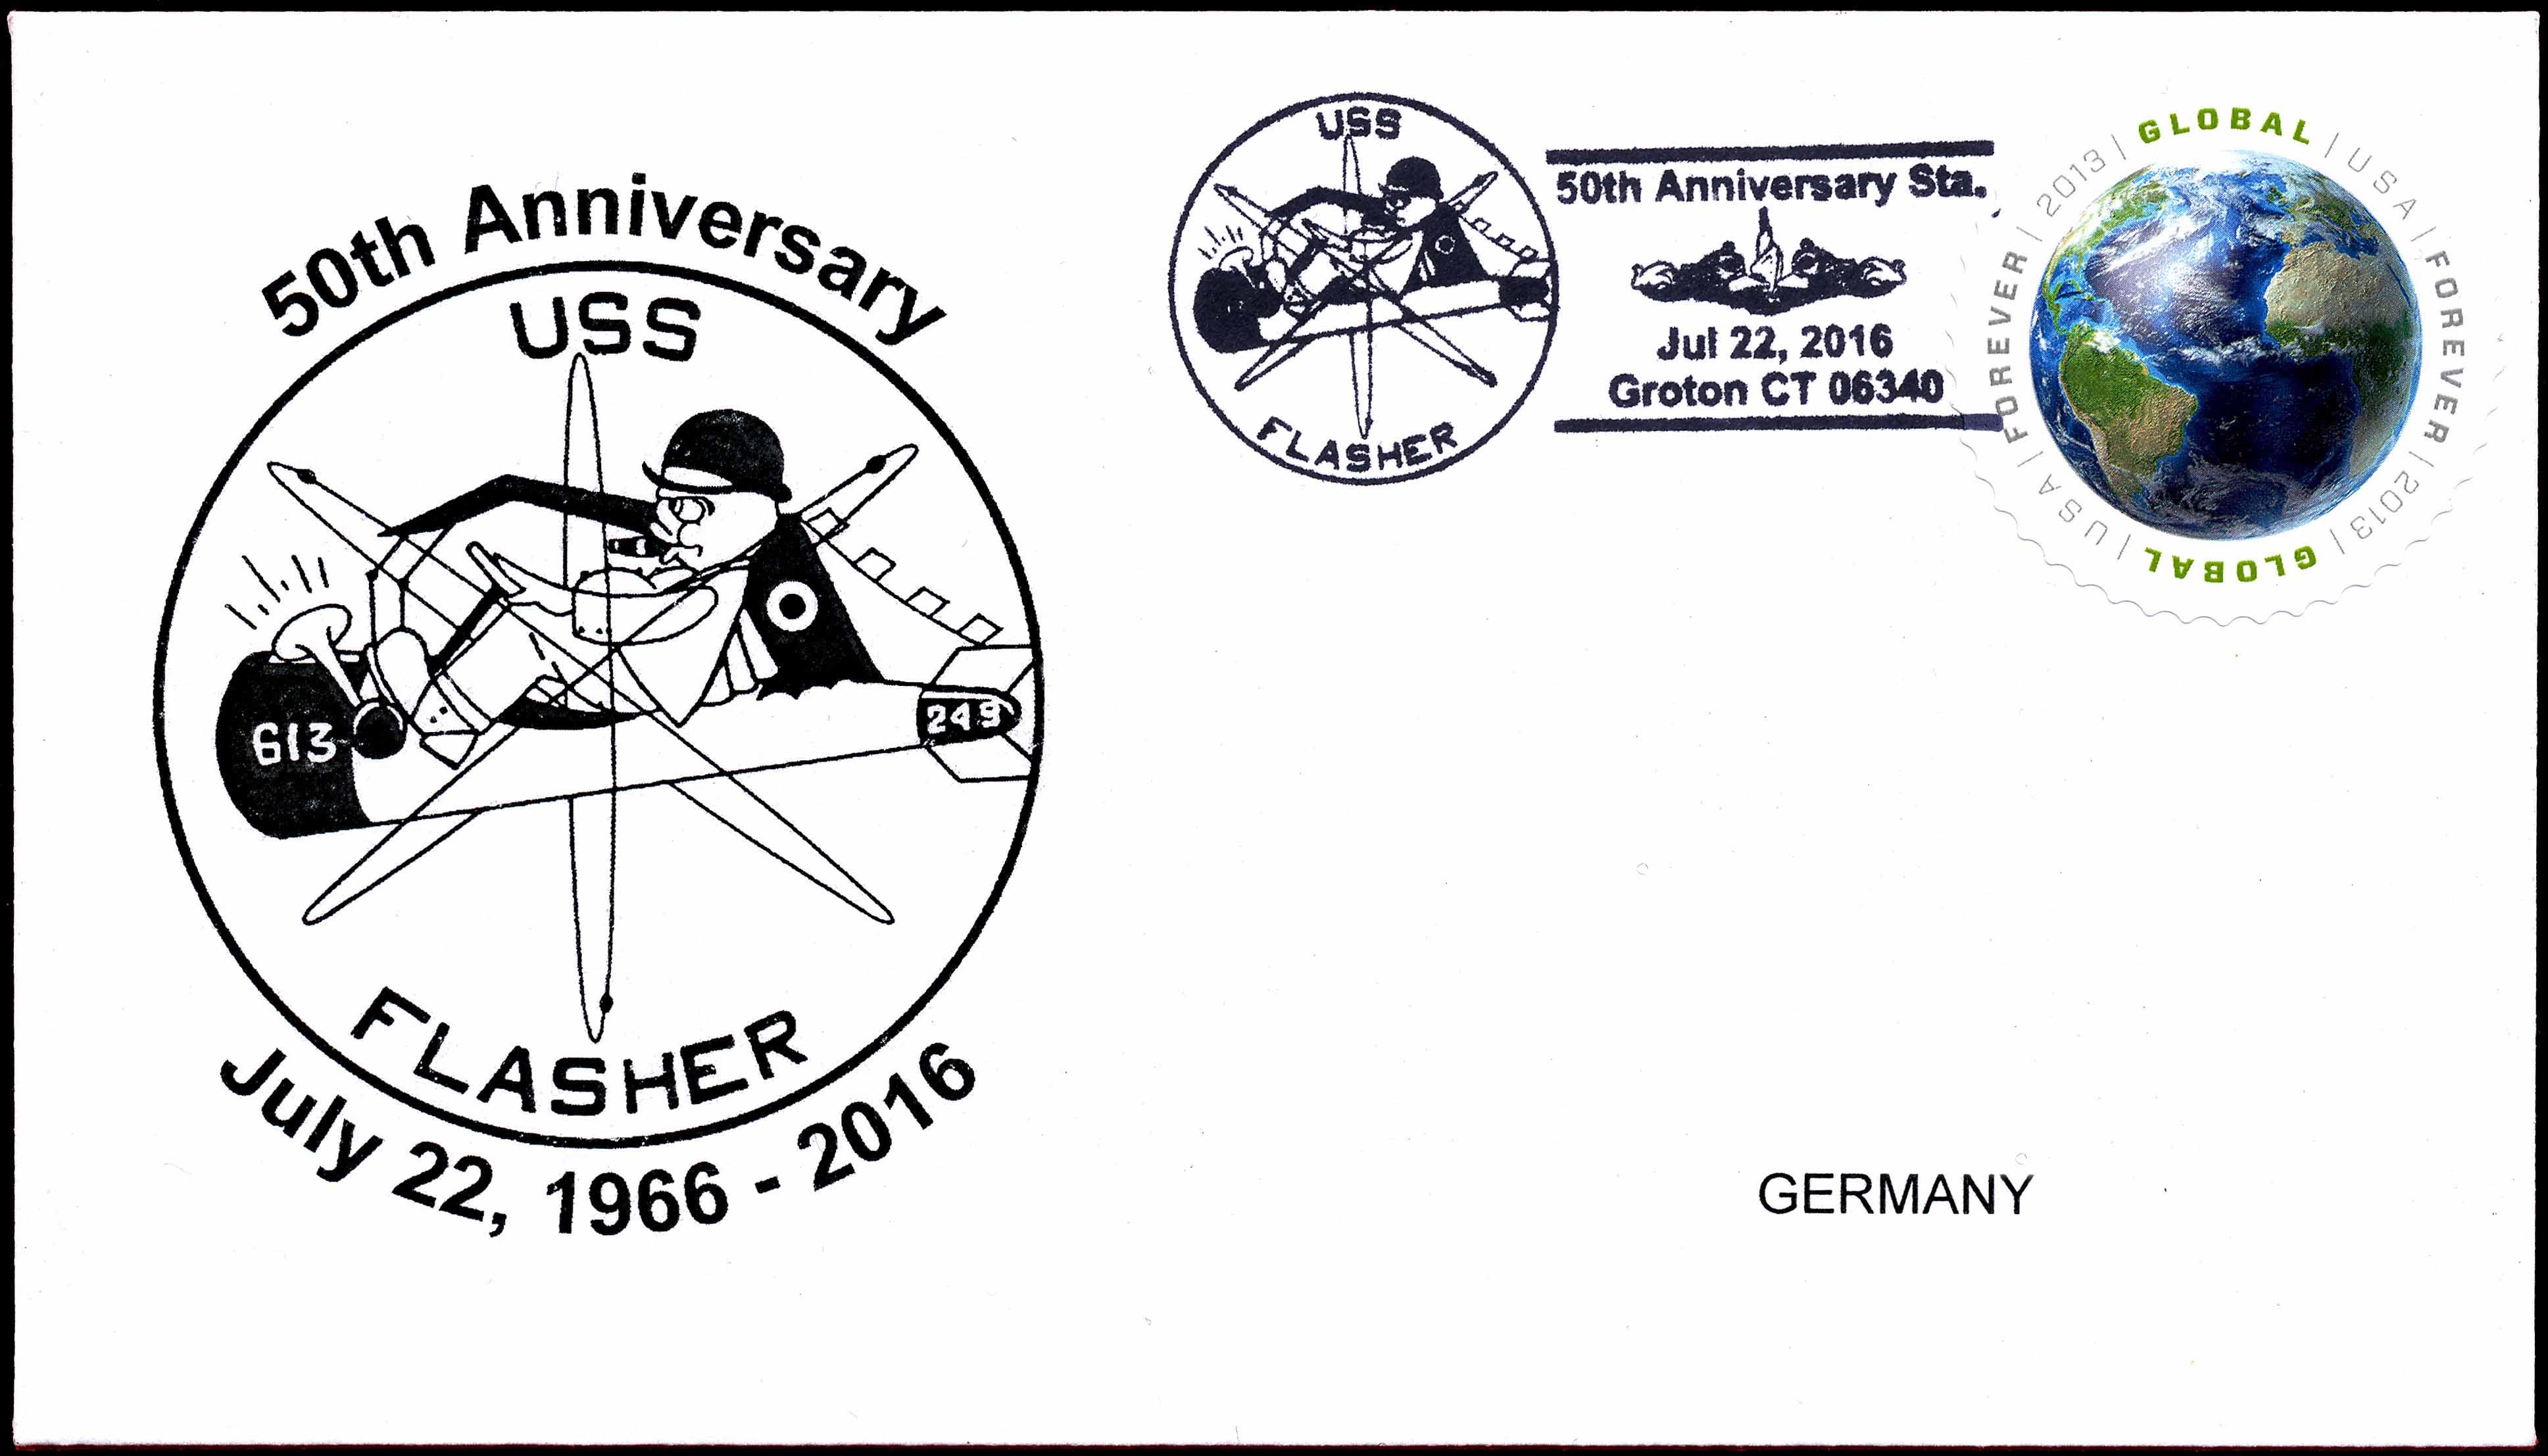 Beleg USS FLASHER SSN-613  50. Jahrestag Indienststellung von Wolfgang Hechler